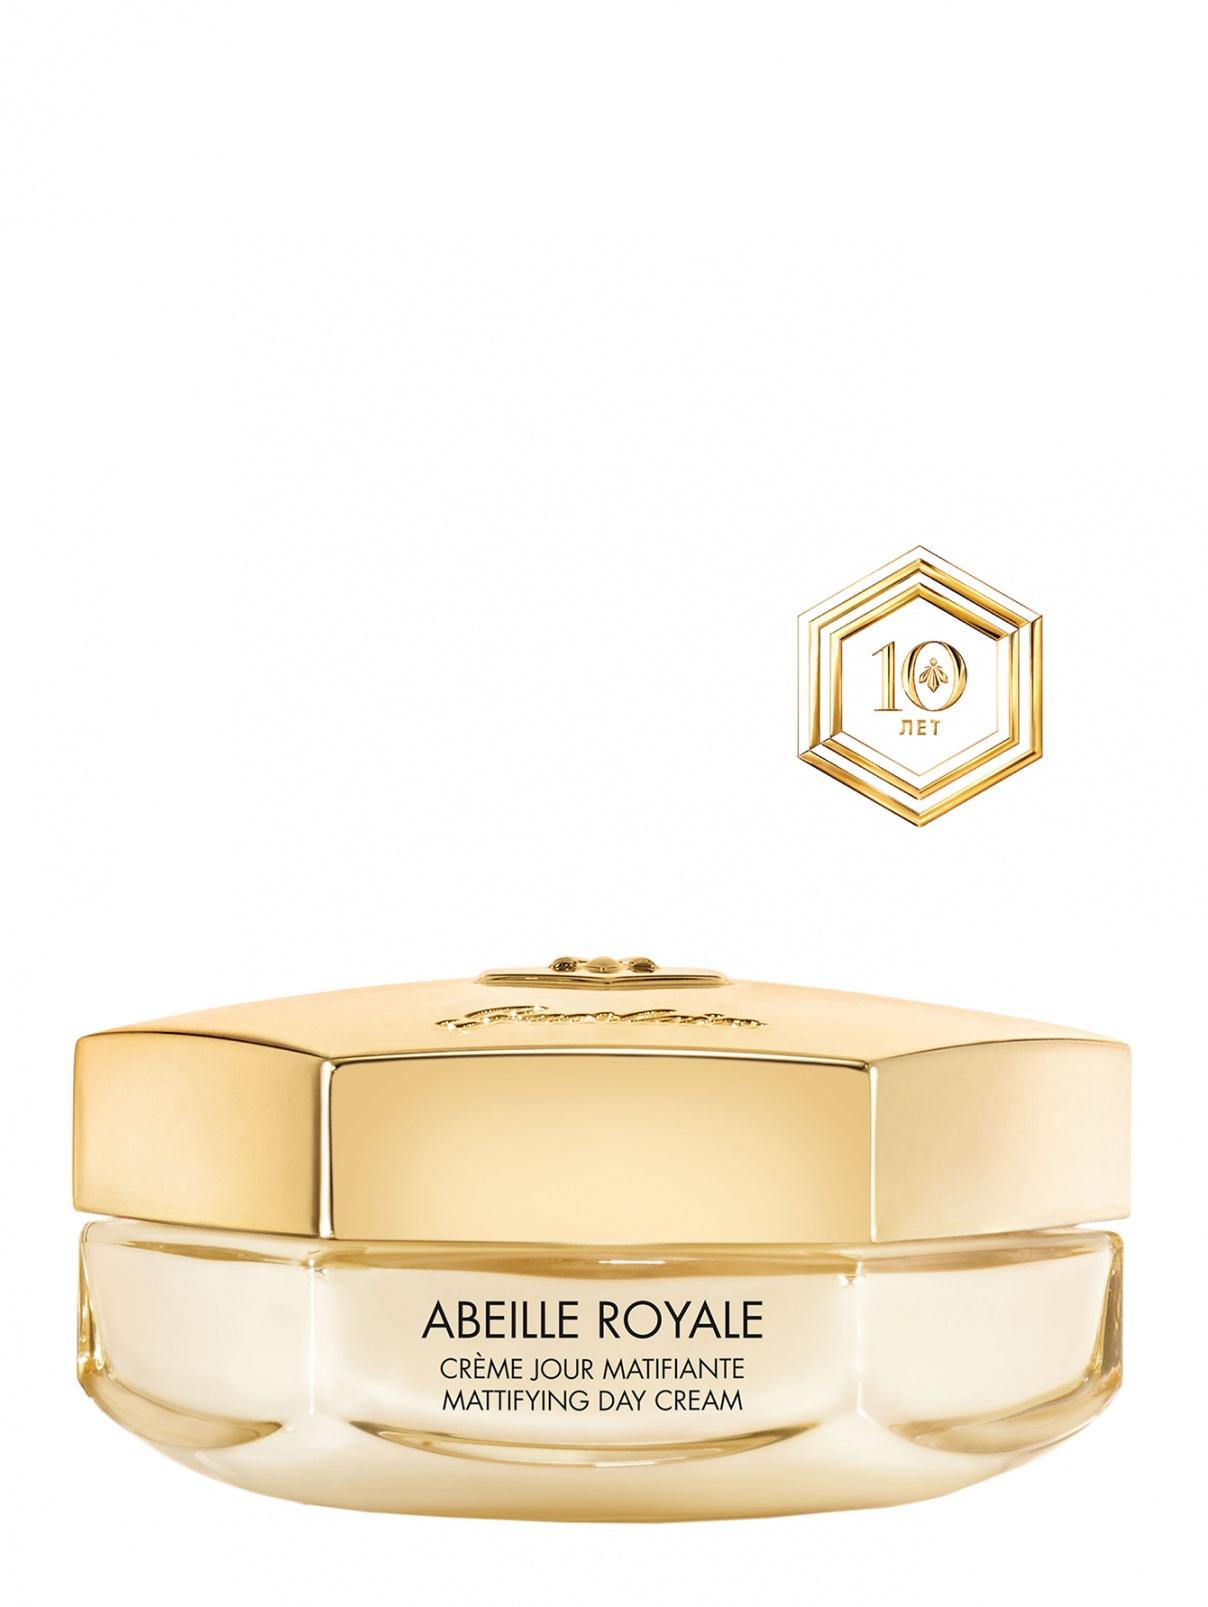 Матирующий дневной крем для лица ABEILLE ROYALE (коррекция морщин, упругость кожи, яркость), 50 мл Guerlain  –  Общий вид